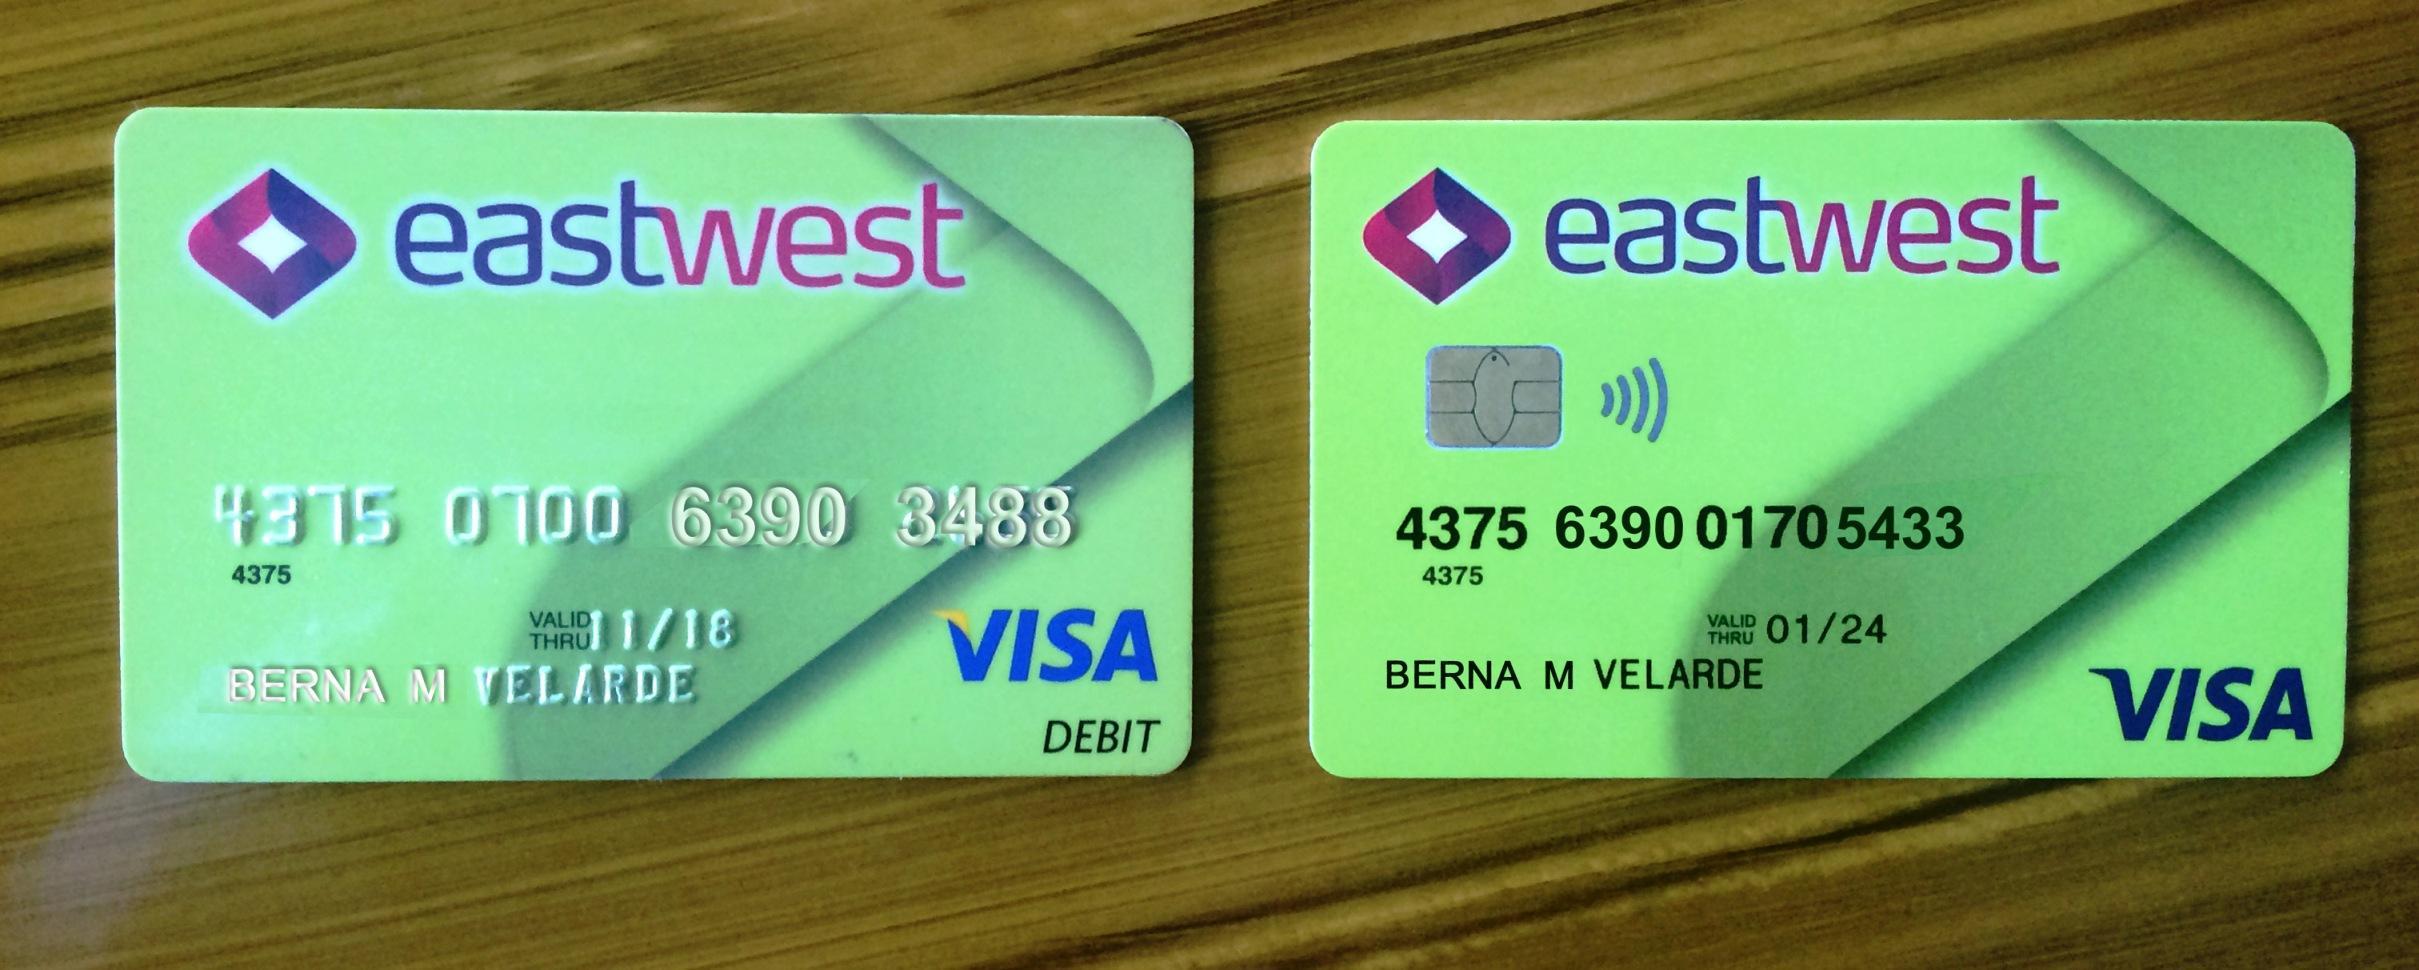 EastWest Bank to deactivate non-EMV debit cards starting Dec. 4 ...